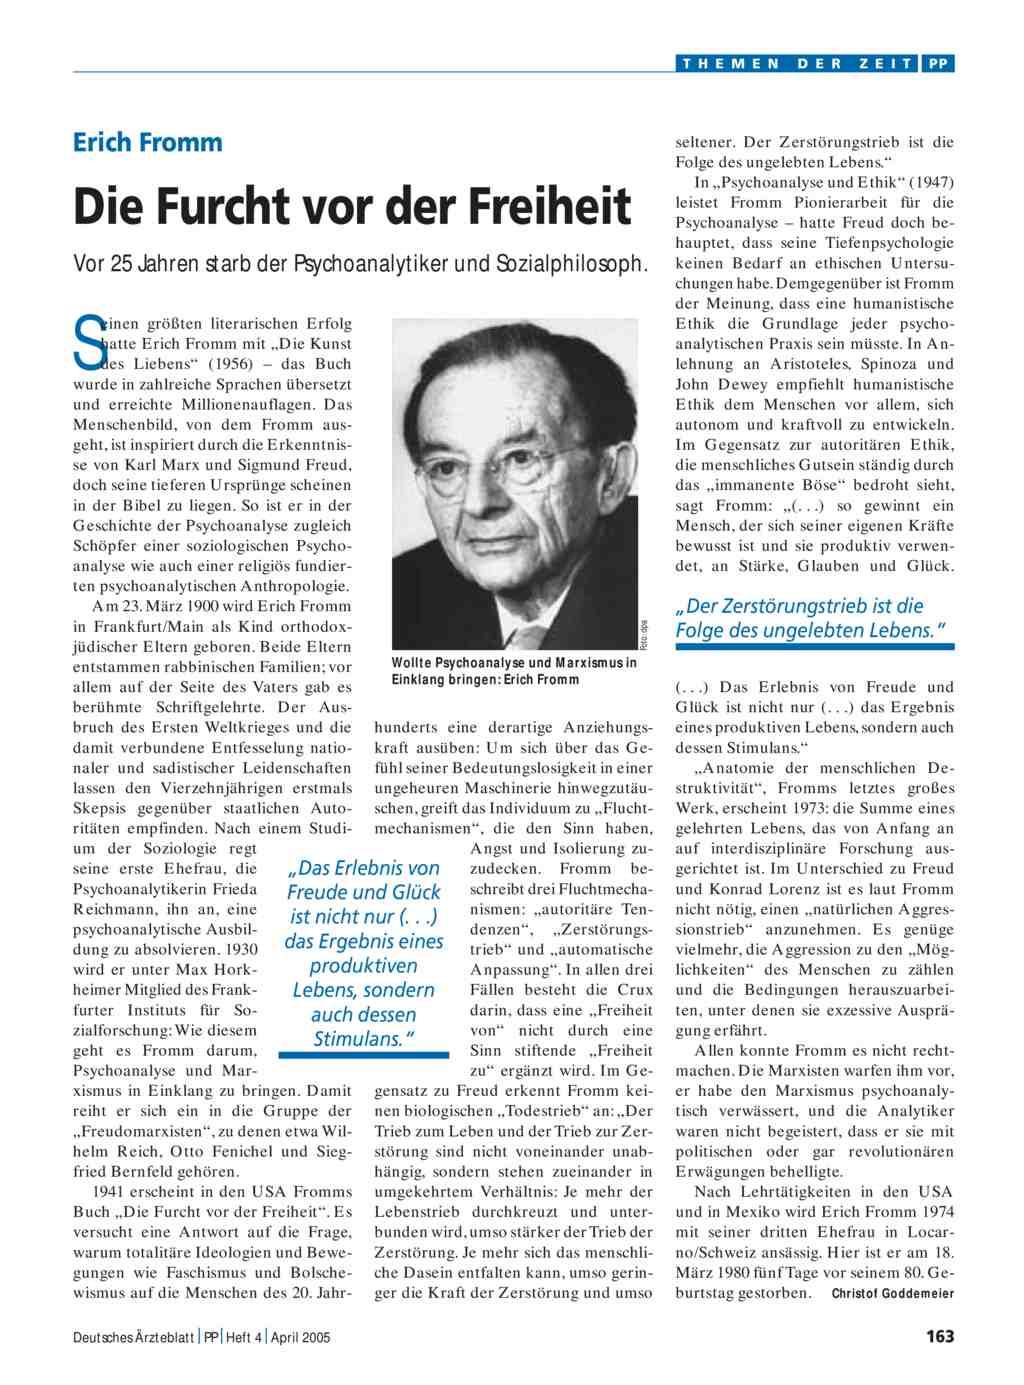 Erich Fromm: Die Furcht vor der Freiheit